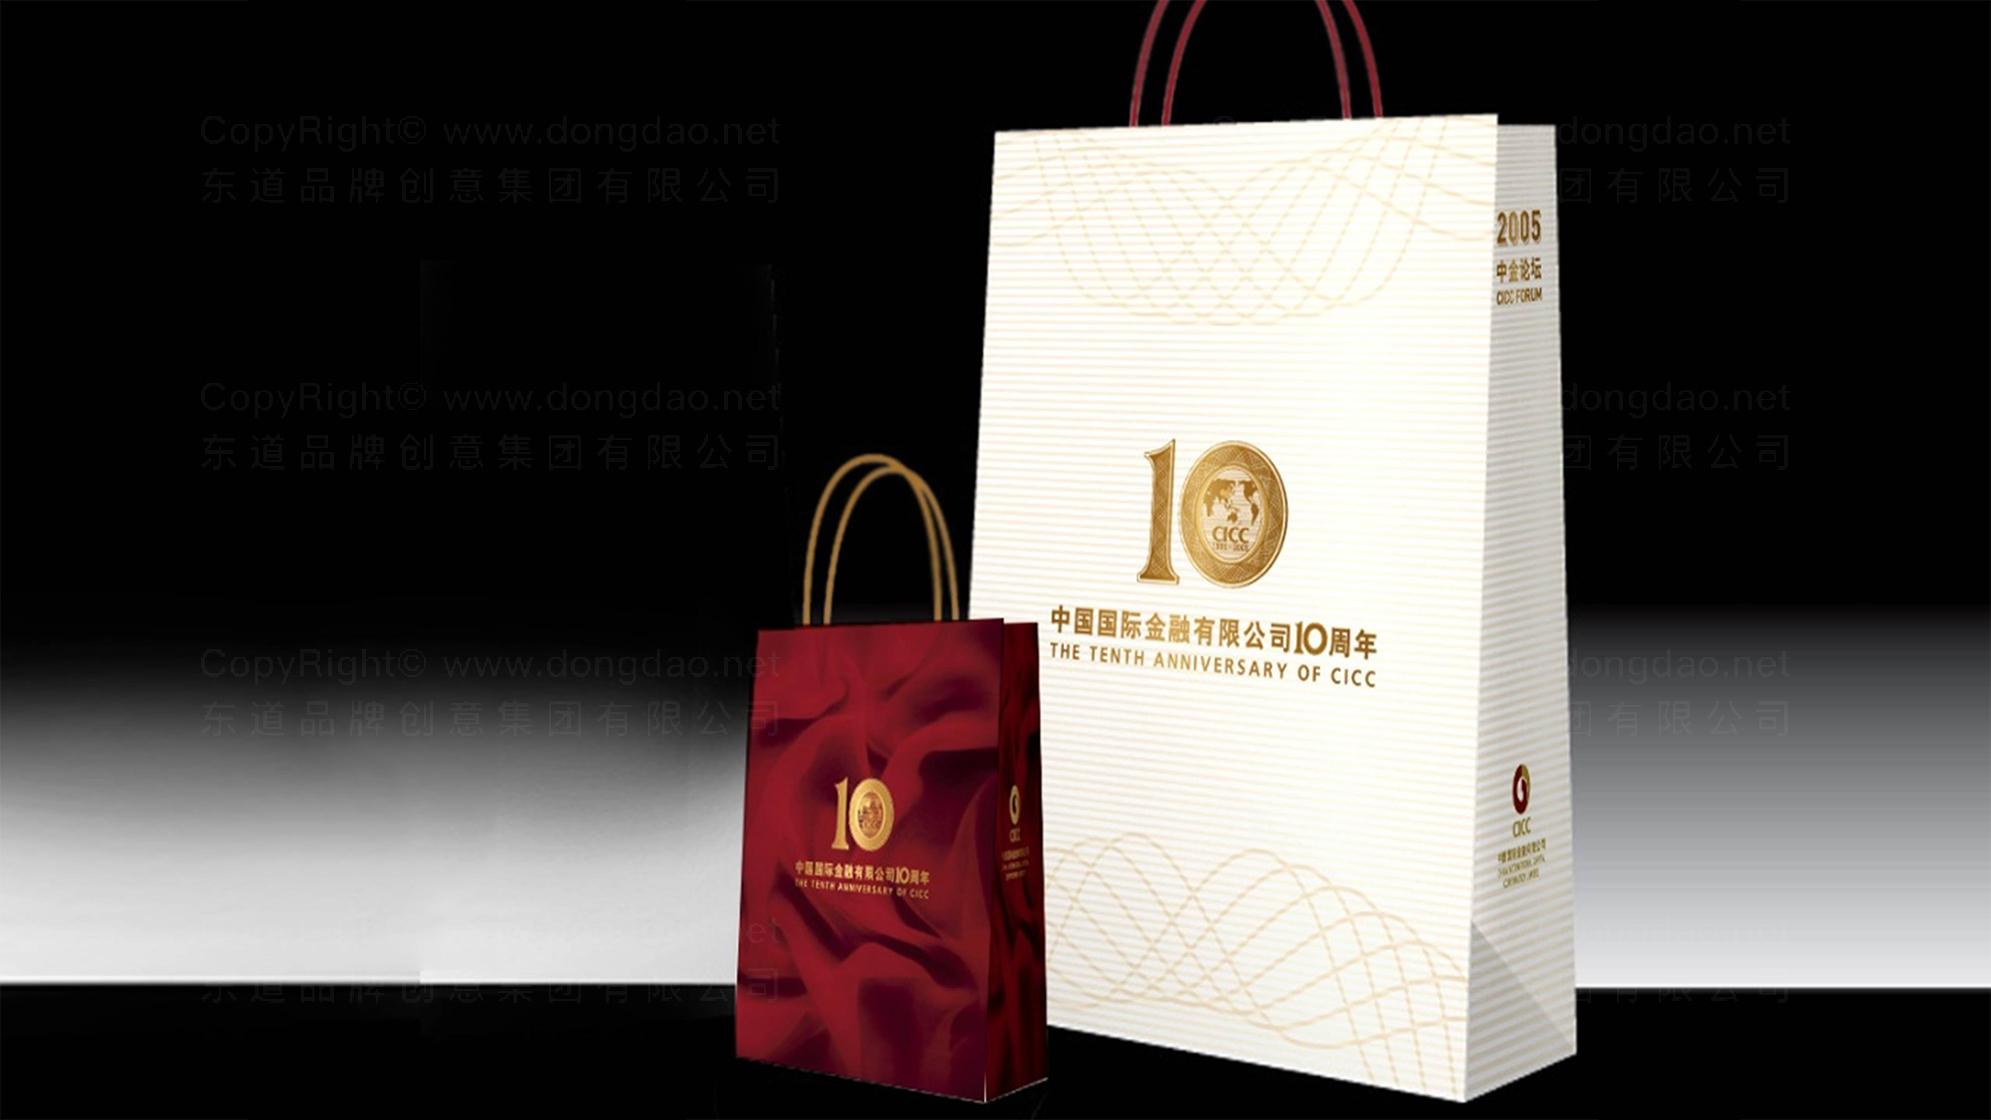 金融公司logo设计应用场景_8